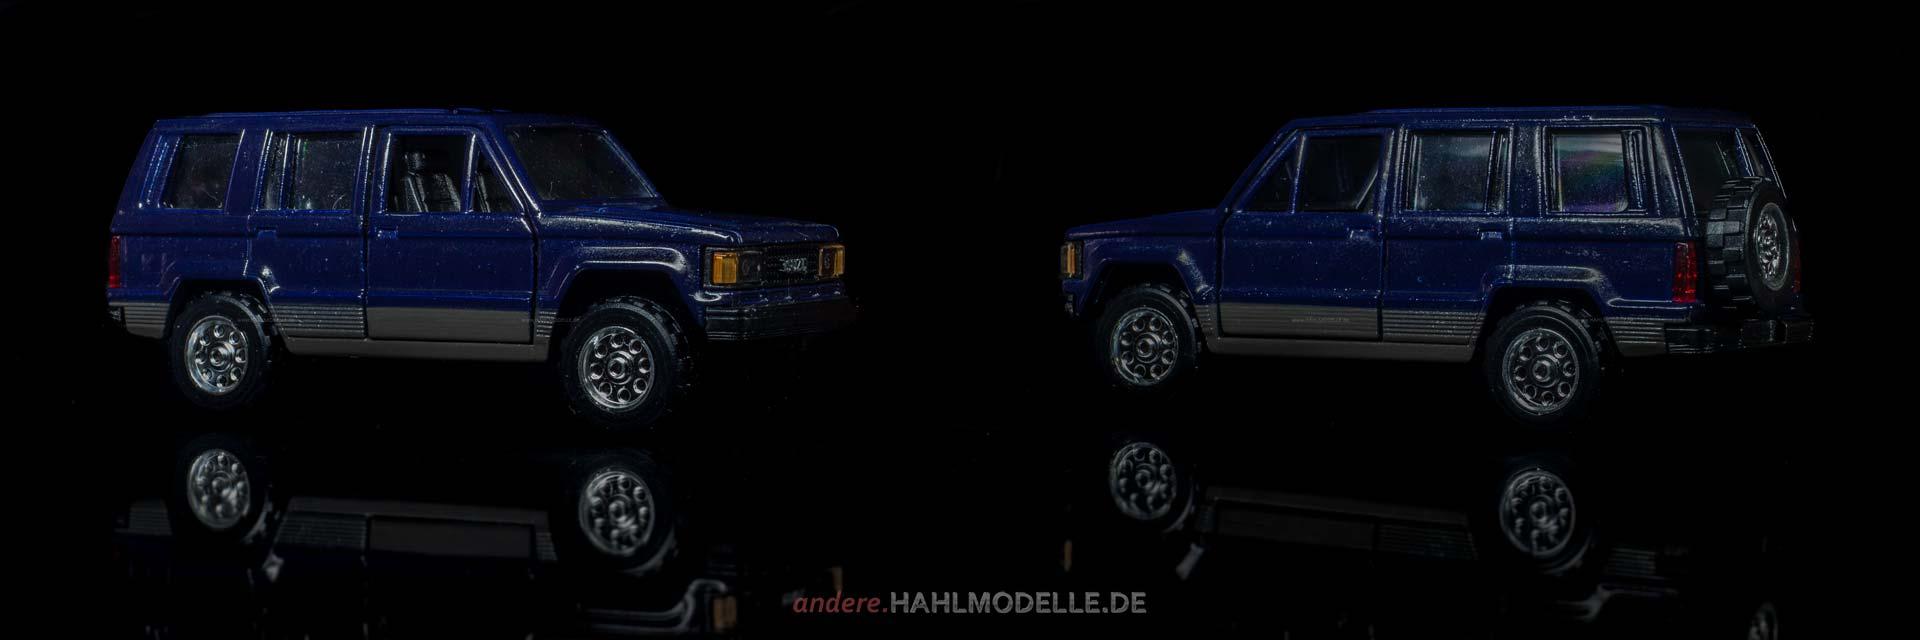 Isuzu Bighorn | Geländewagen | unbekannter Hersteller | 1:43 | www.andere.hahlmodelle.de